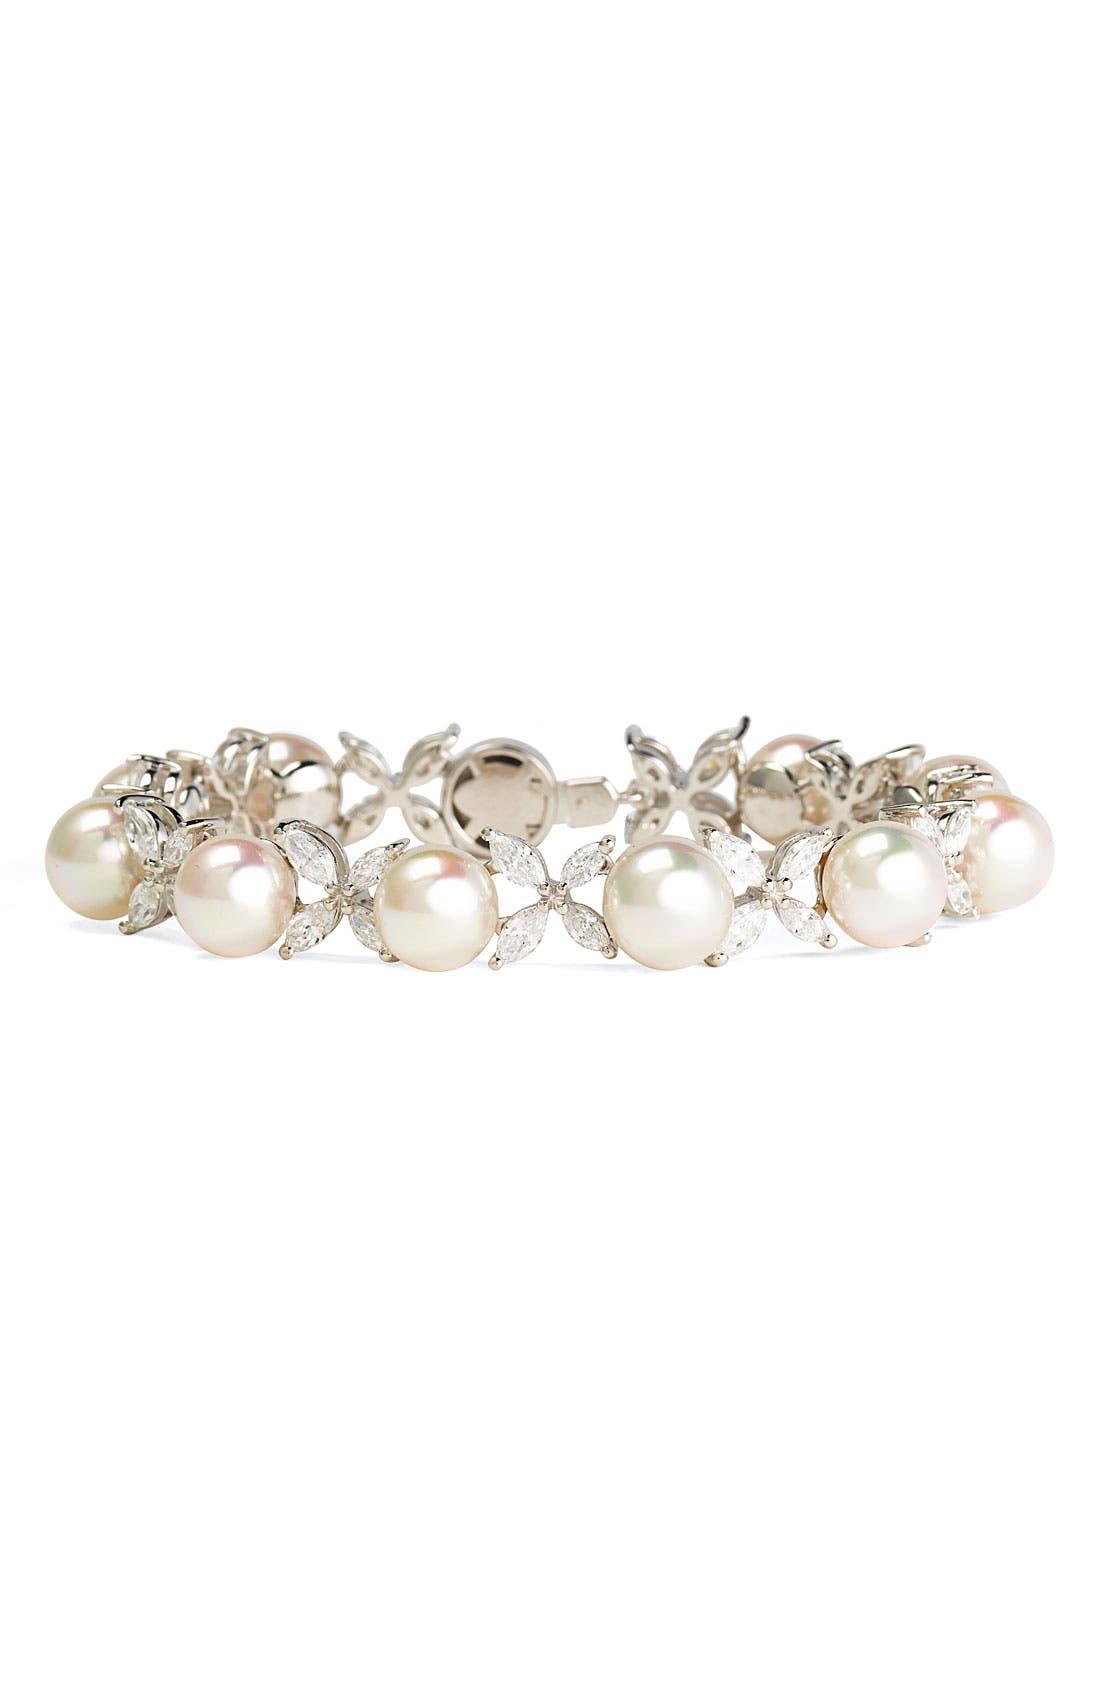 Main Image - Majorica 'Butterfly' Cubic Zirconia & Pearl Bracelet